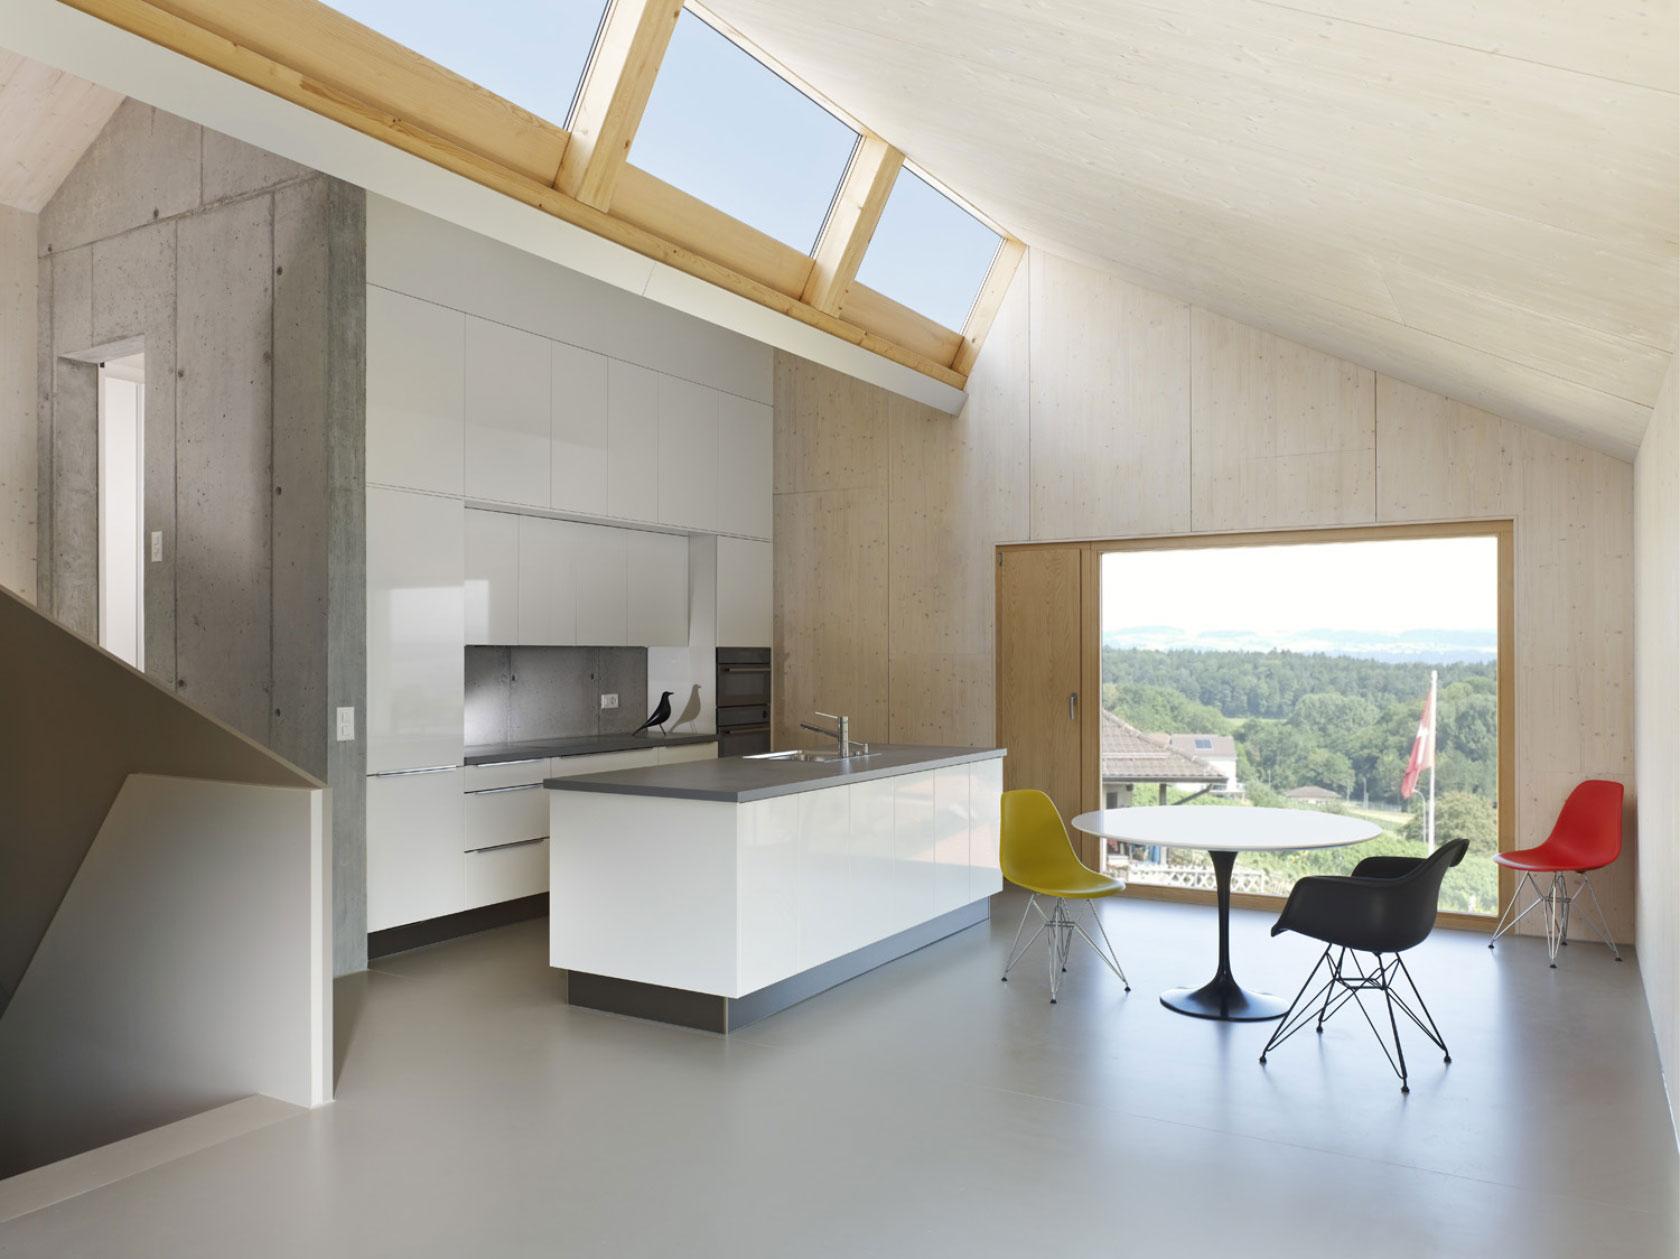 Роскошный интерьер белой кухни - Фото 19